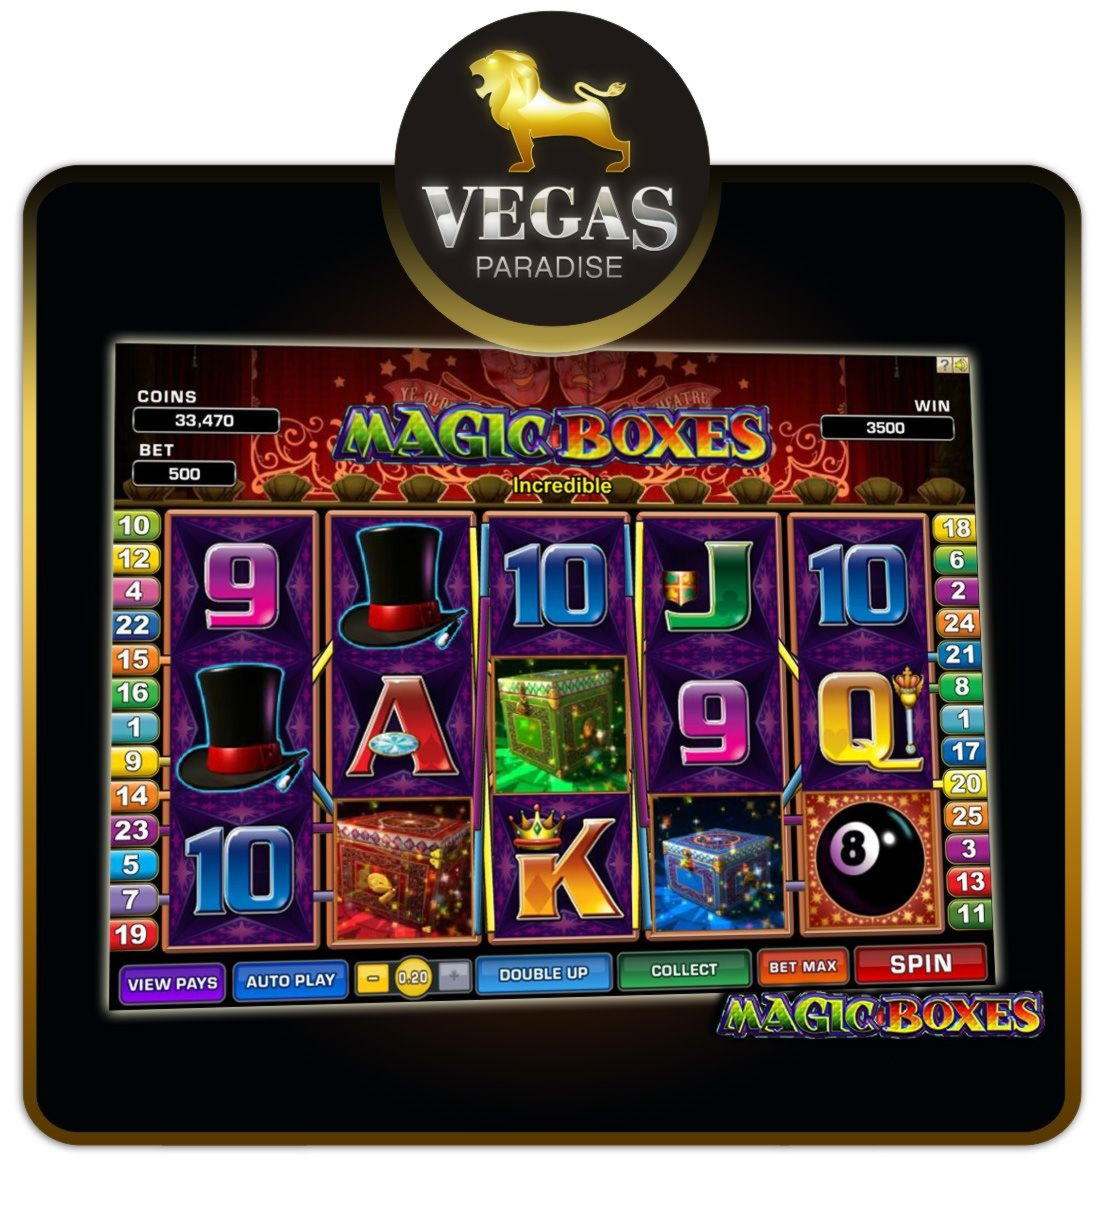 Le casino gratuit 22 tourne chez Spin Princess